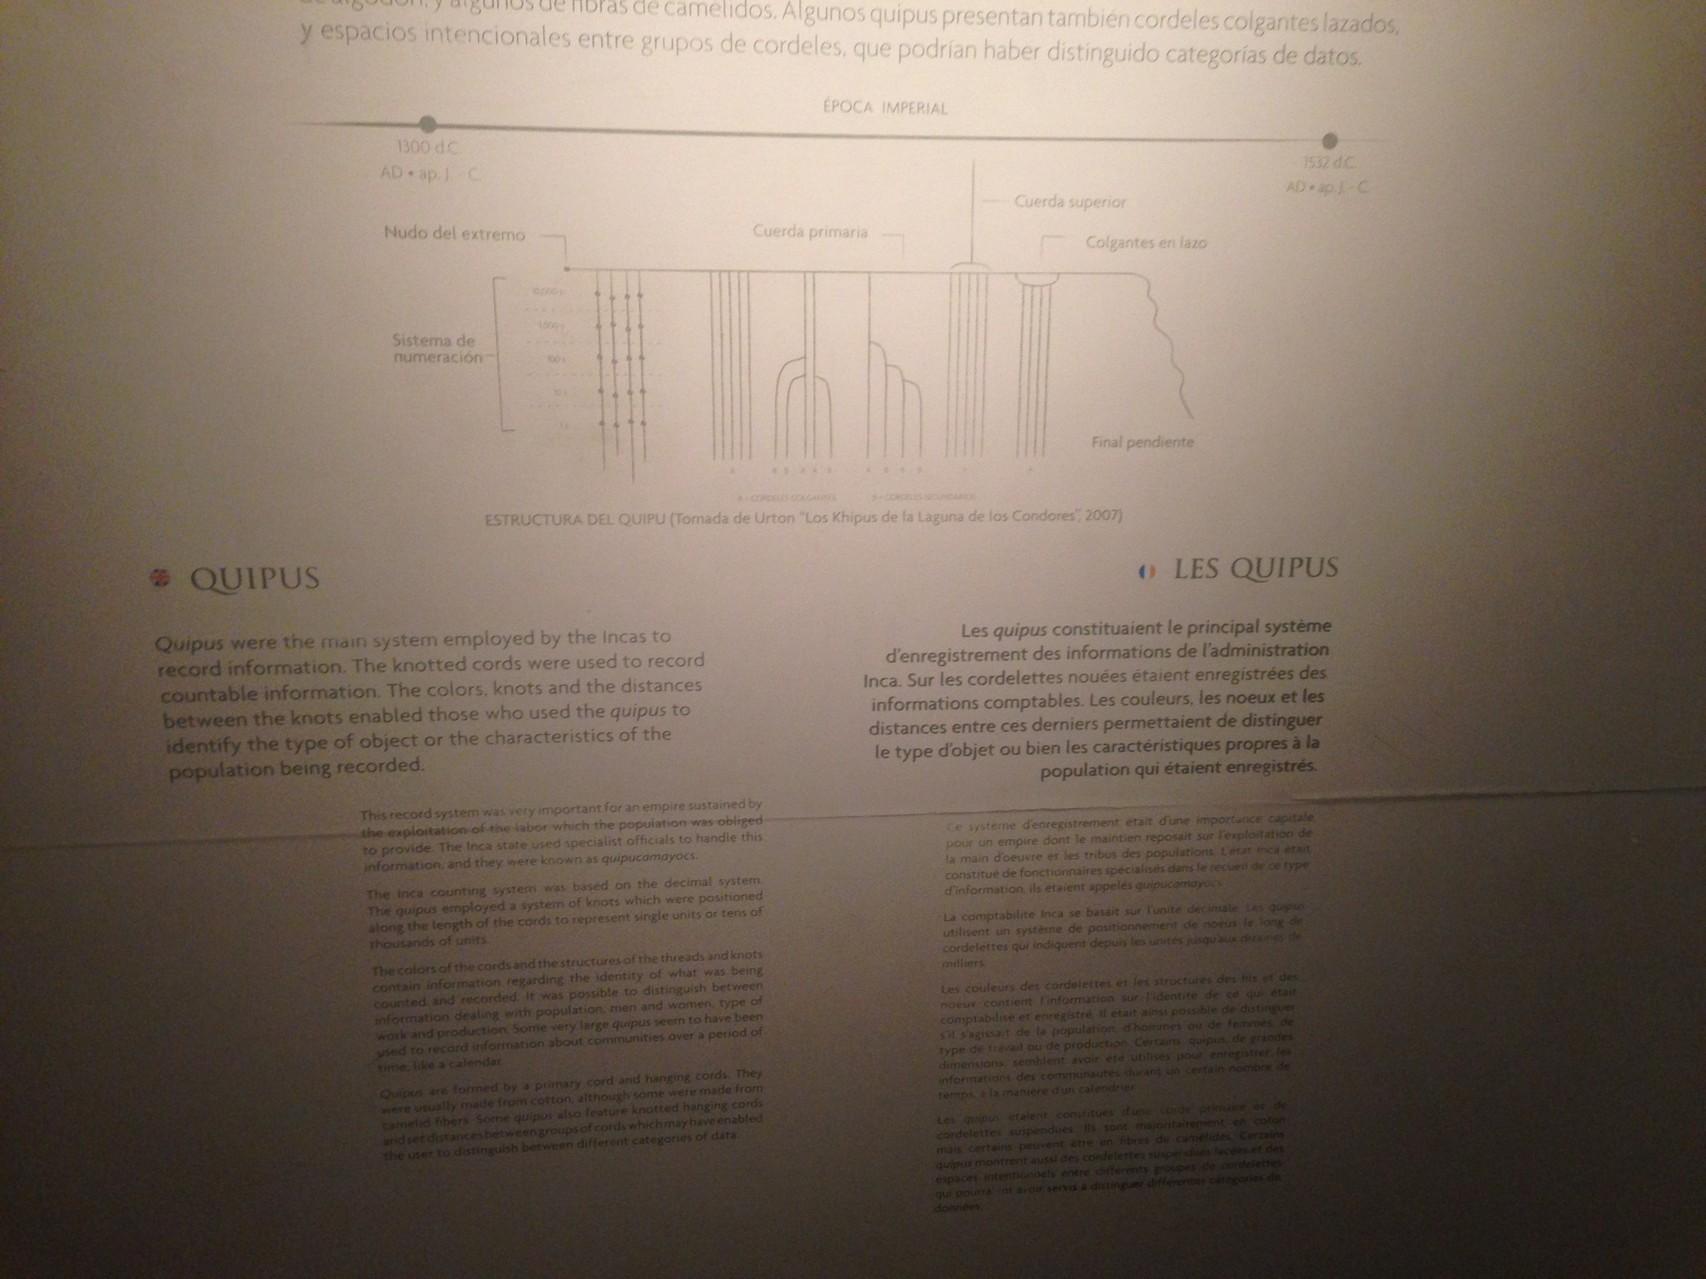 Erklärung der Knotenschnüre